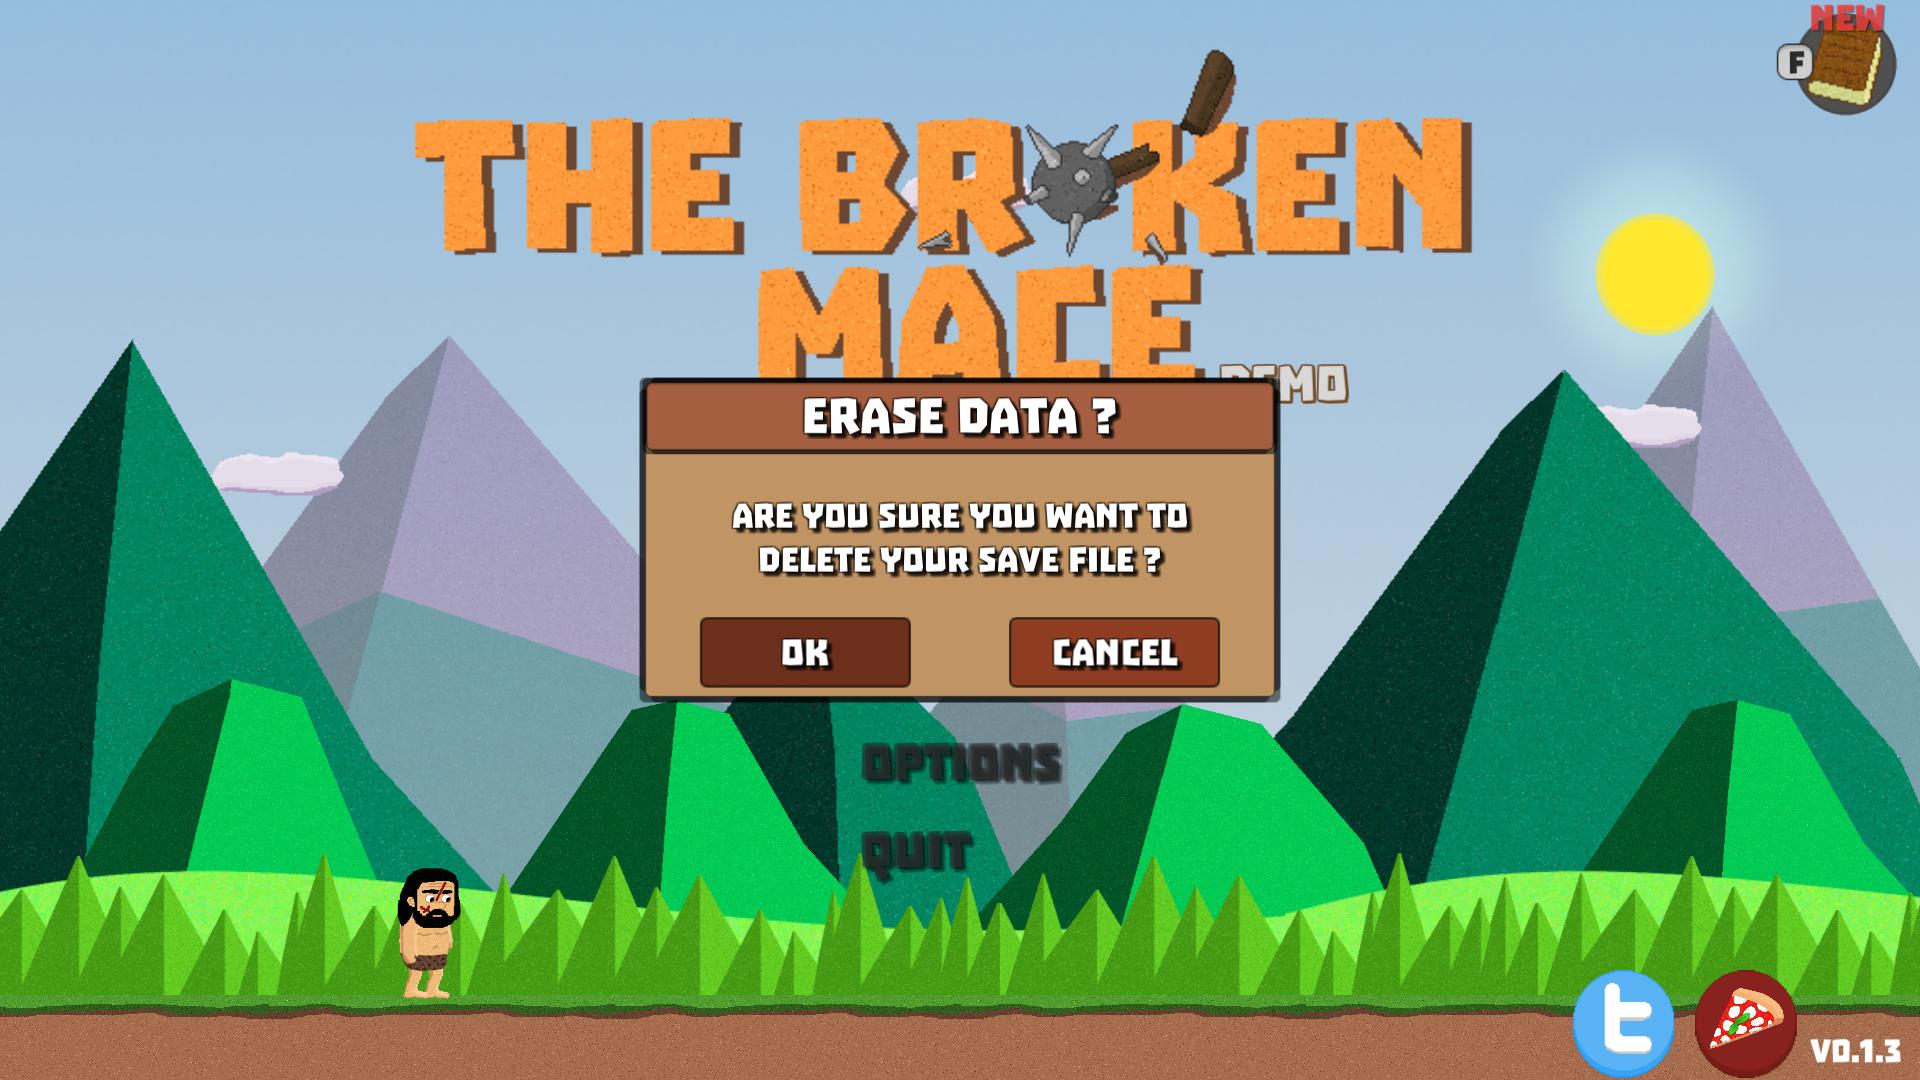 Erase Data menu